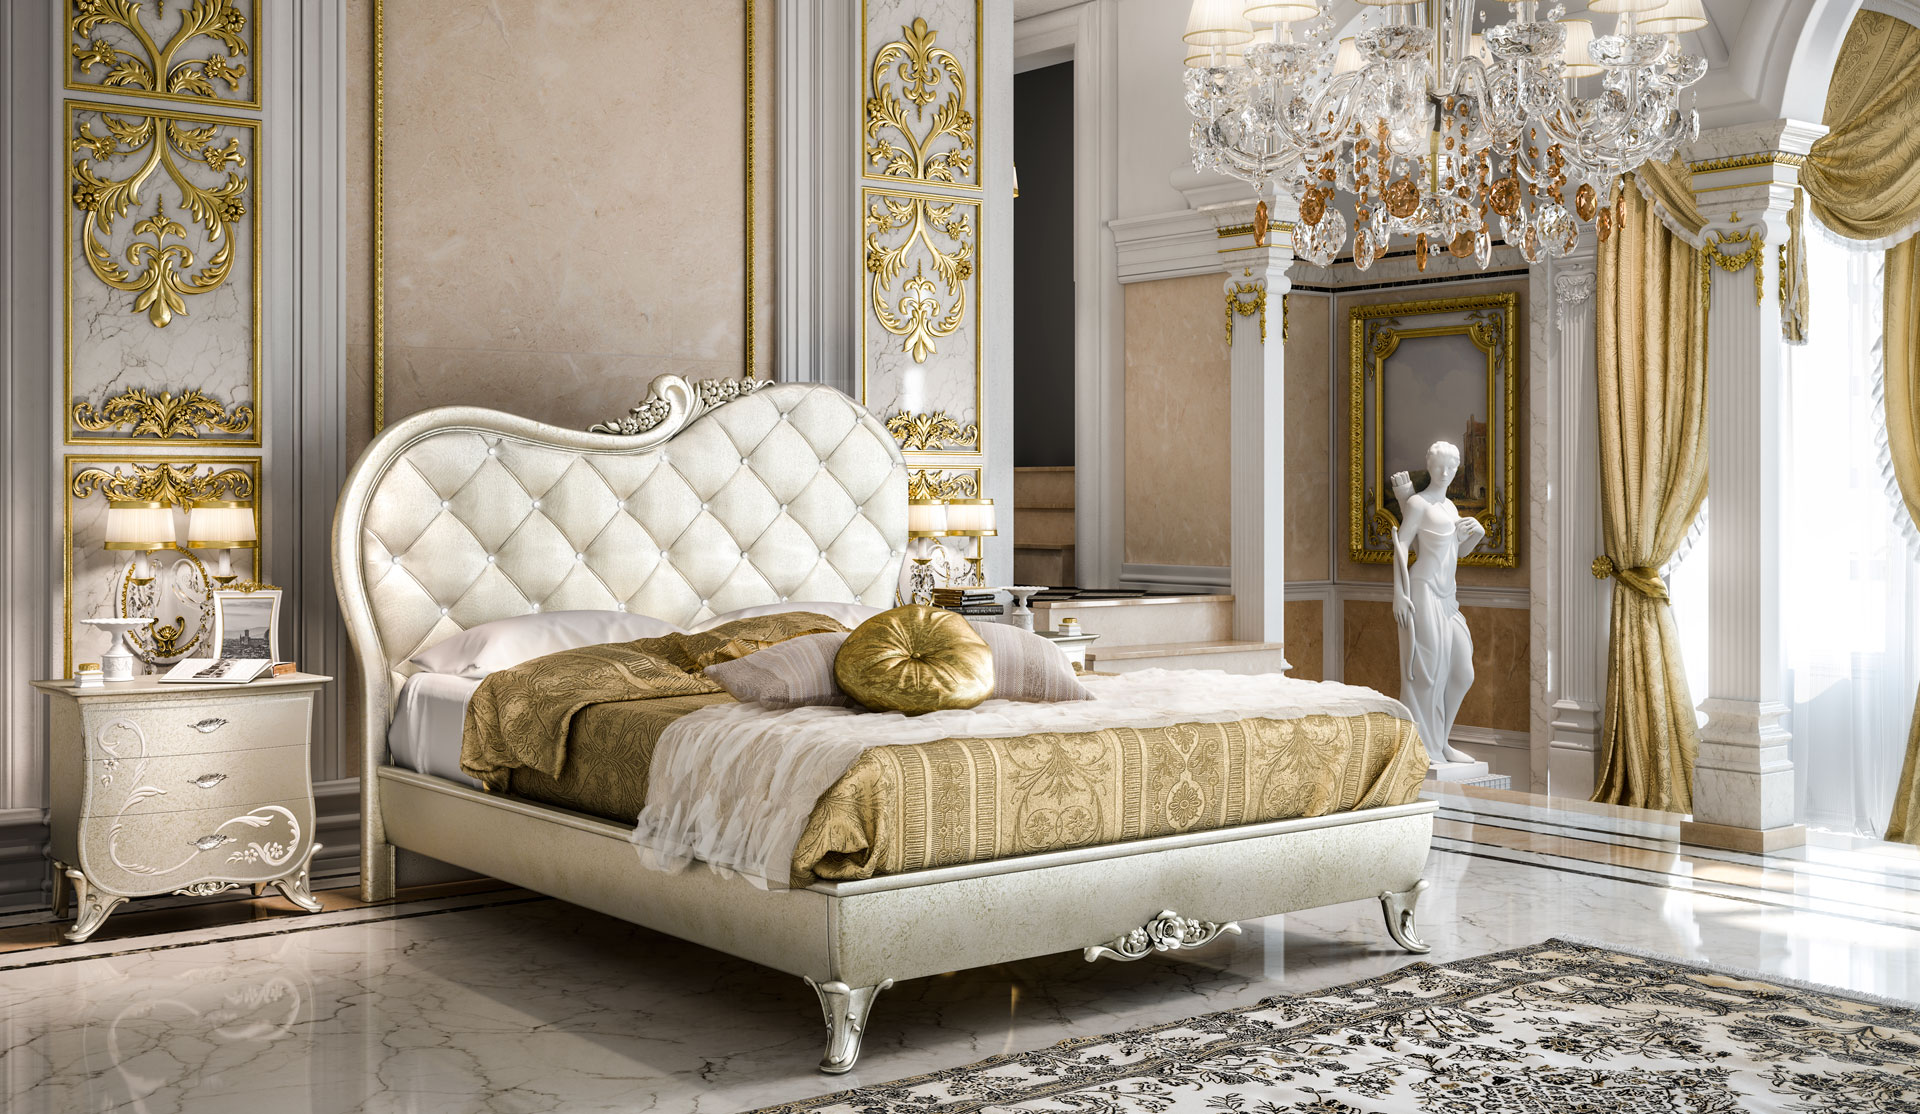 Camera Da Letto Classica : Camere da letto classiche www.studiomontorzi.com